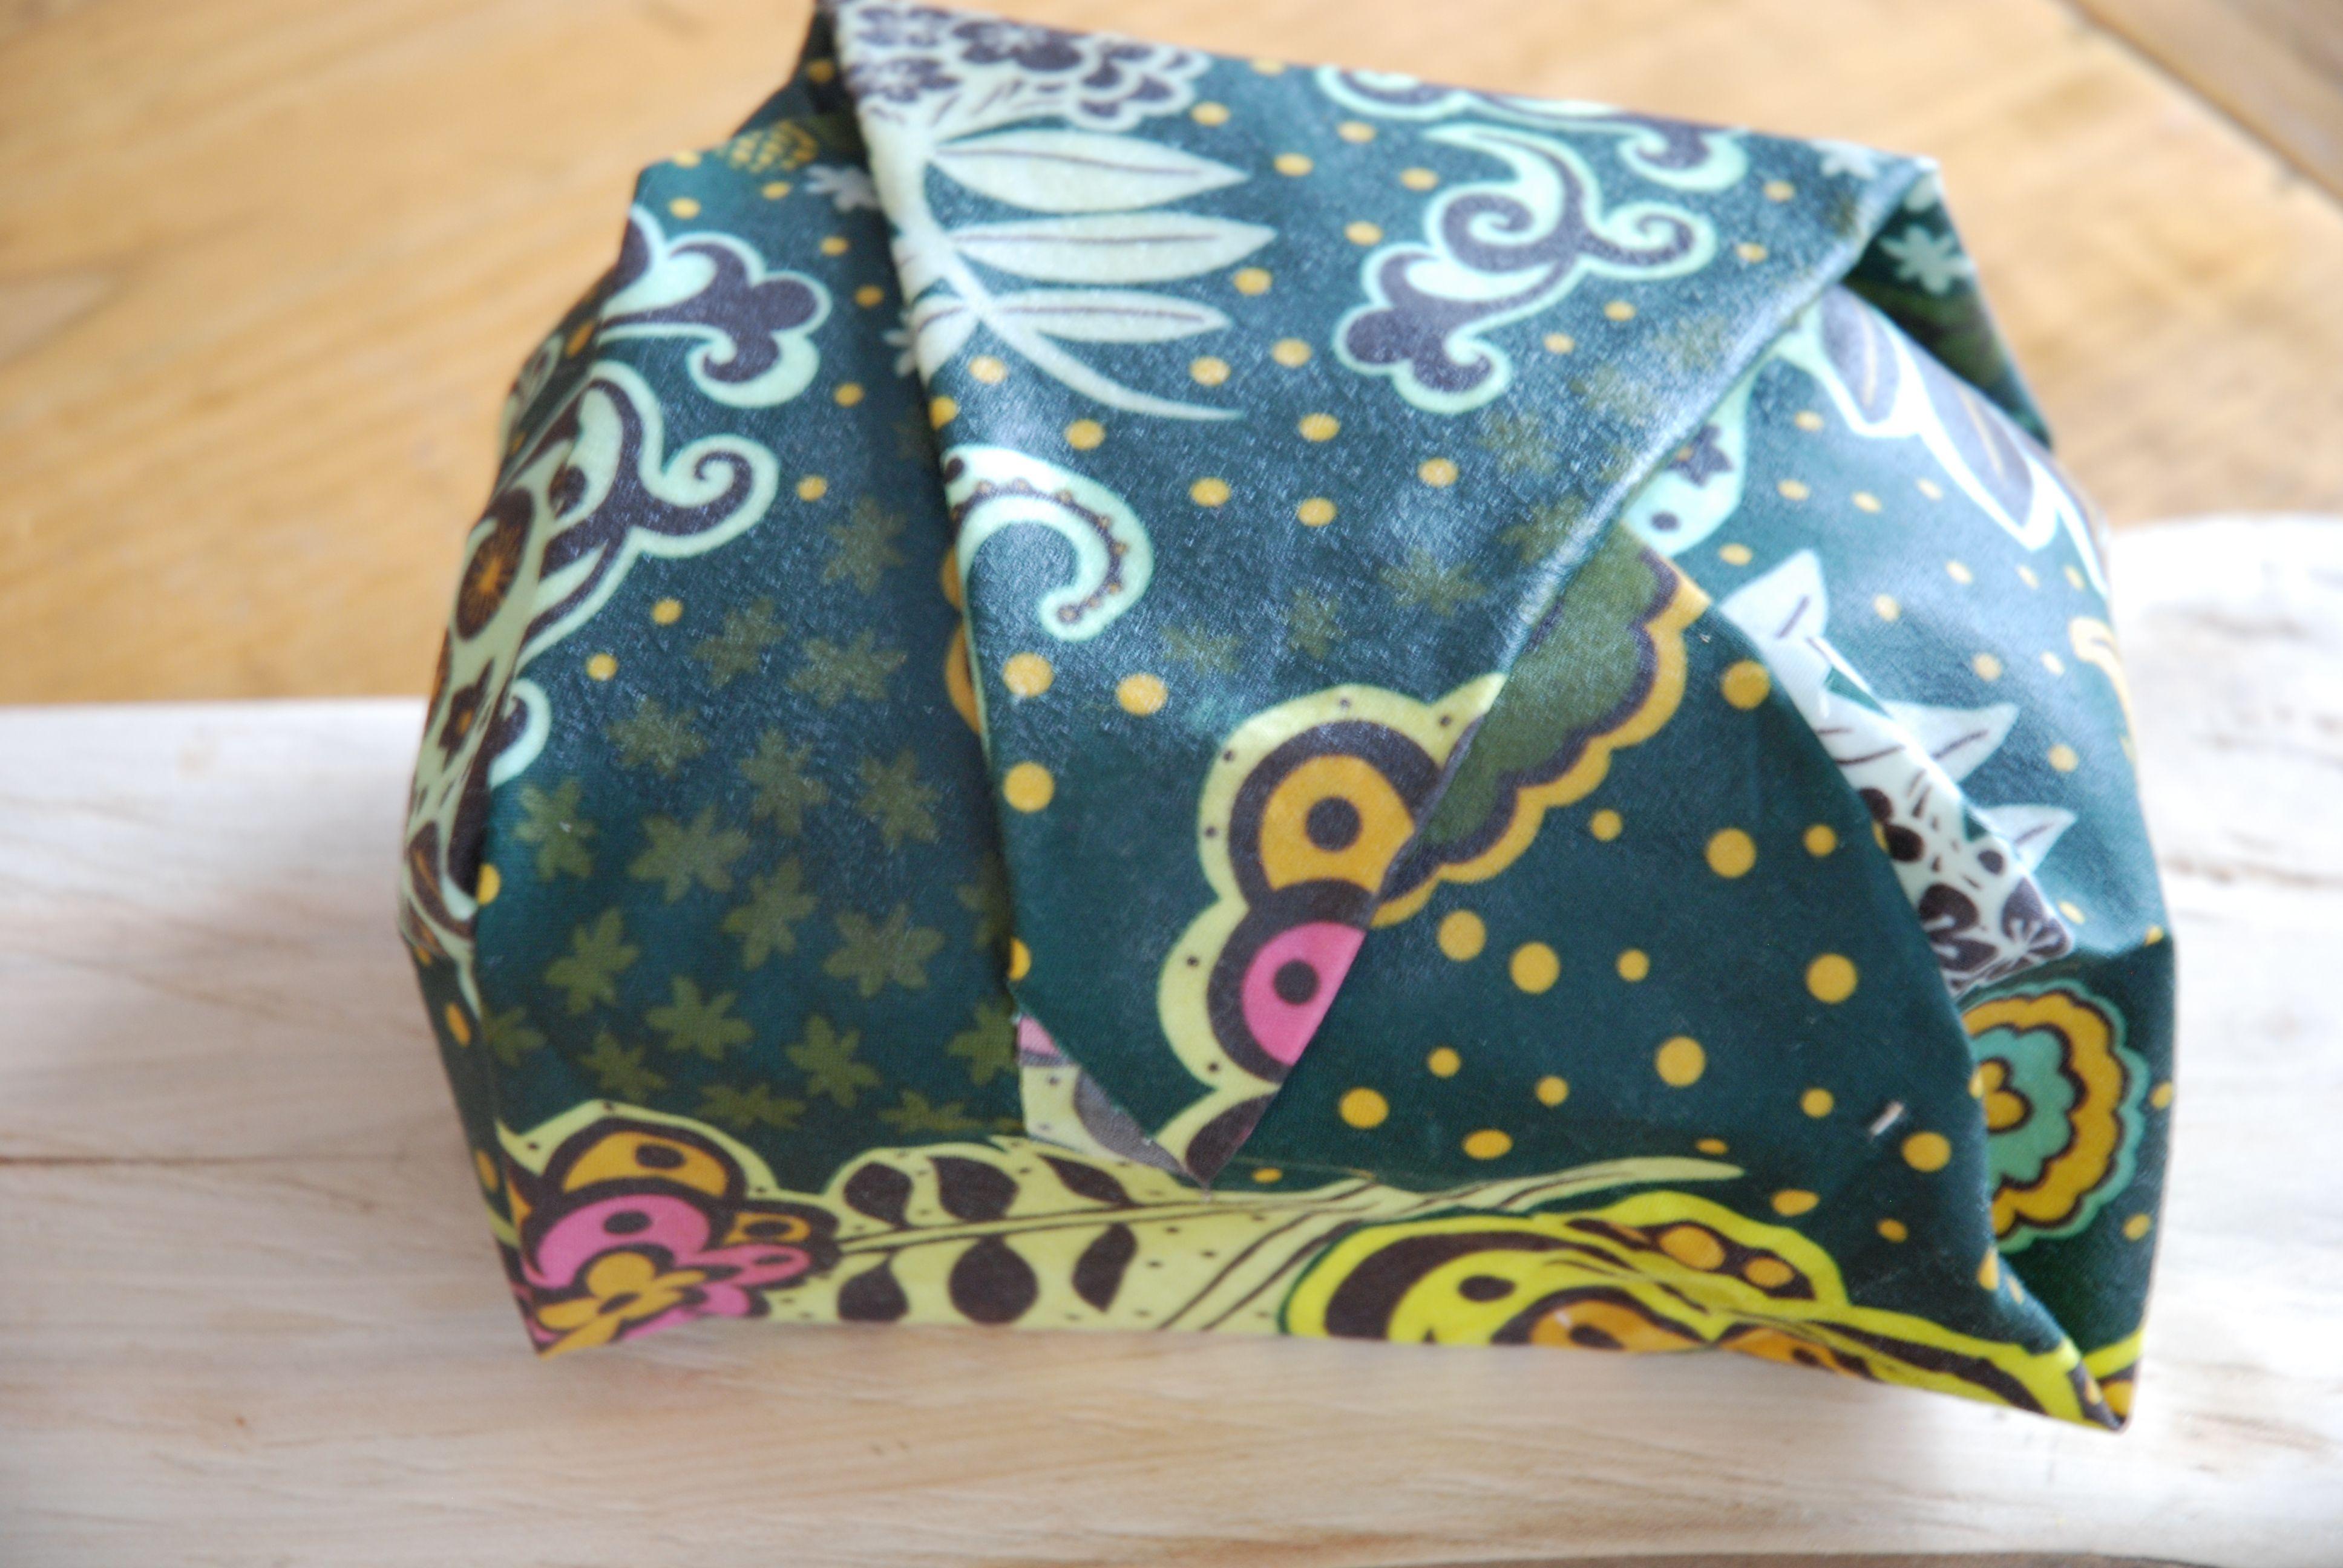 Beeswax & Resin Food Wrap | DIY and Crafty Crafts | Diy